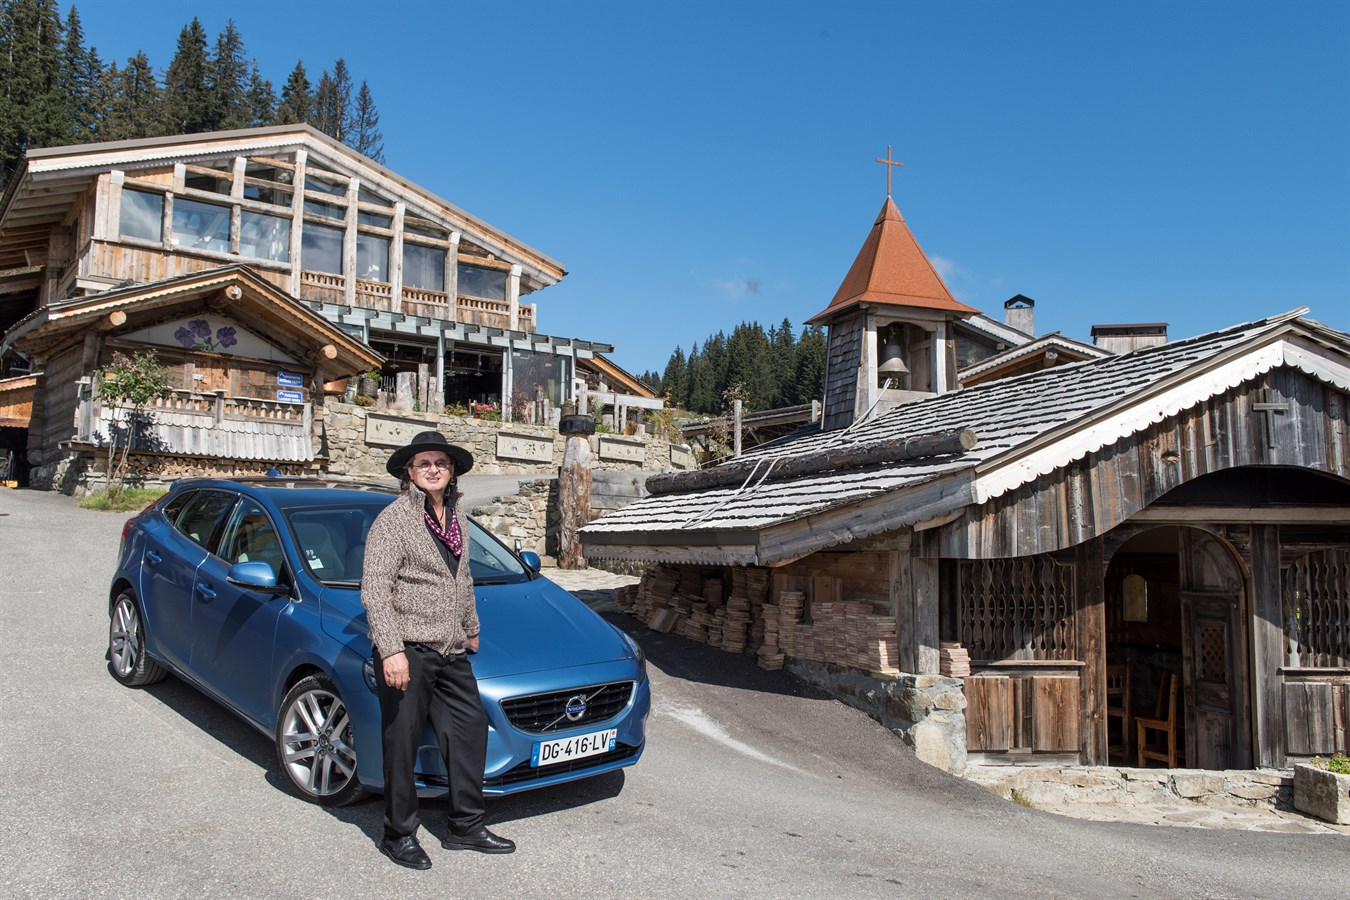 La Maison Des Bois Plaisir - Volvo V40 gamme Drive E année mod u00e8le 2015 Marc Veyrat La Maison des Bois Site Média Volvo